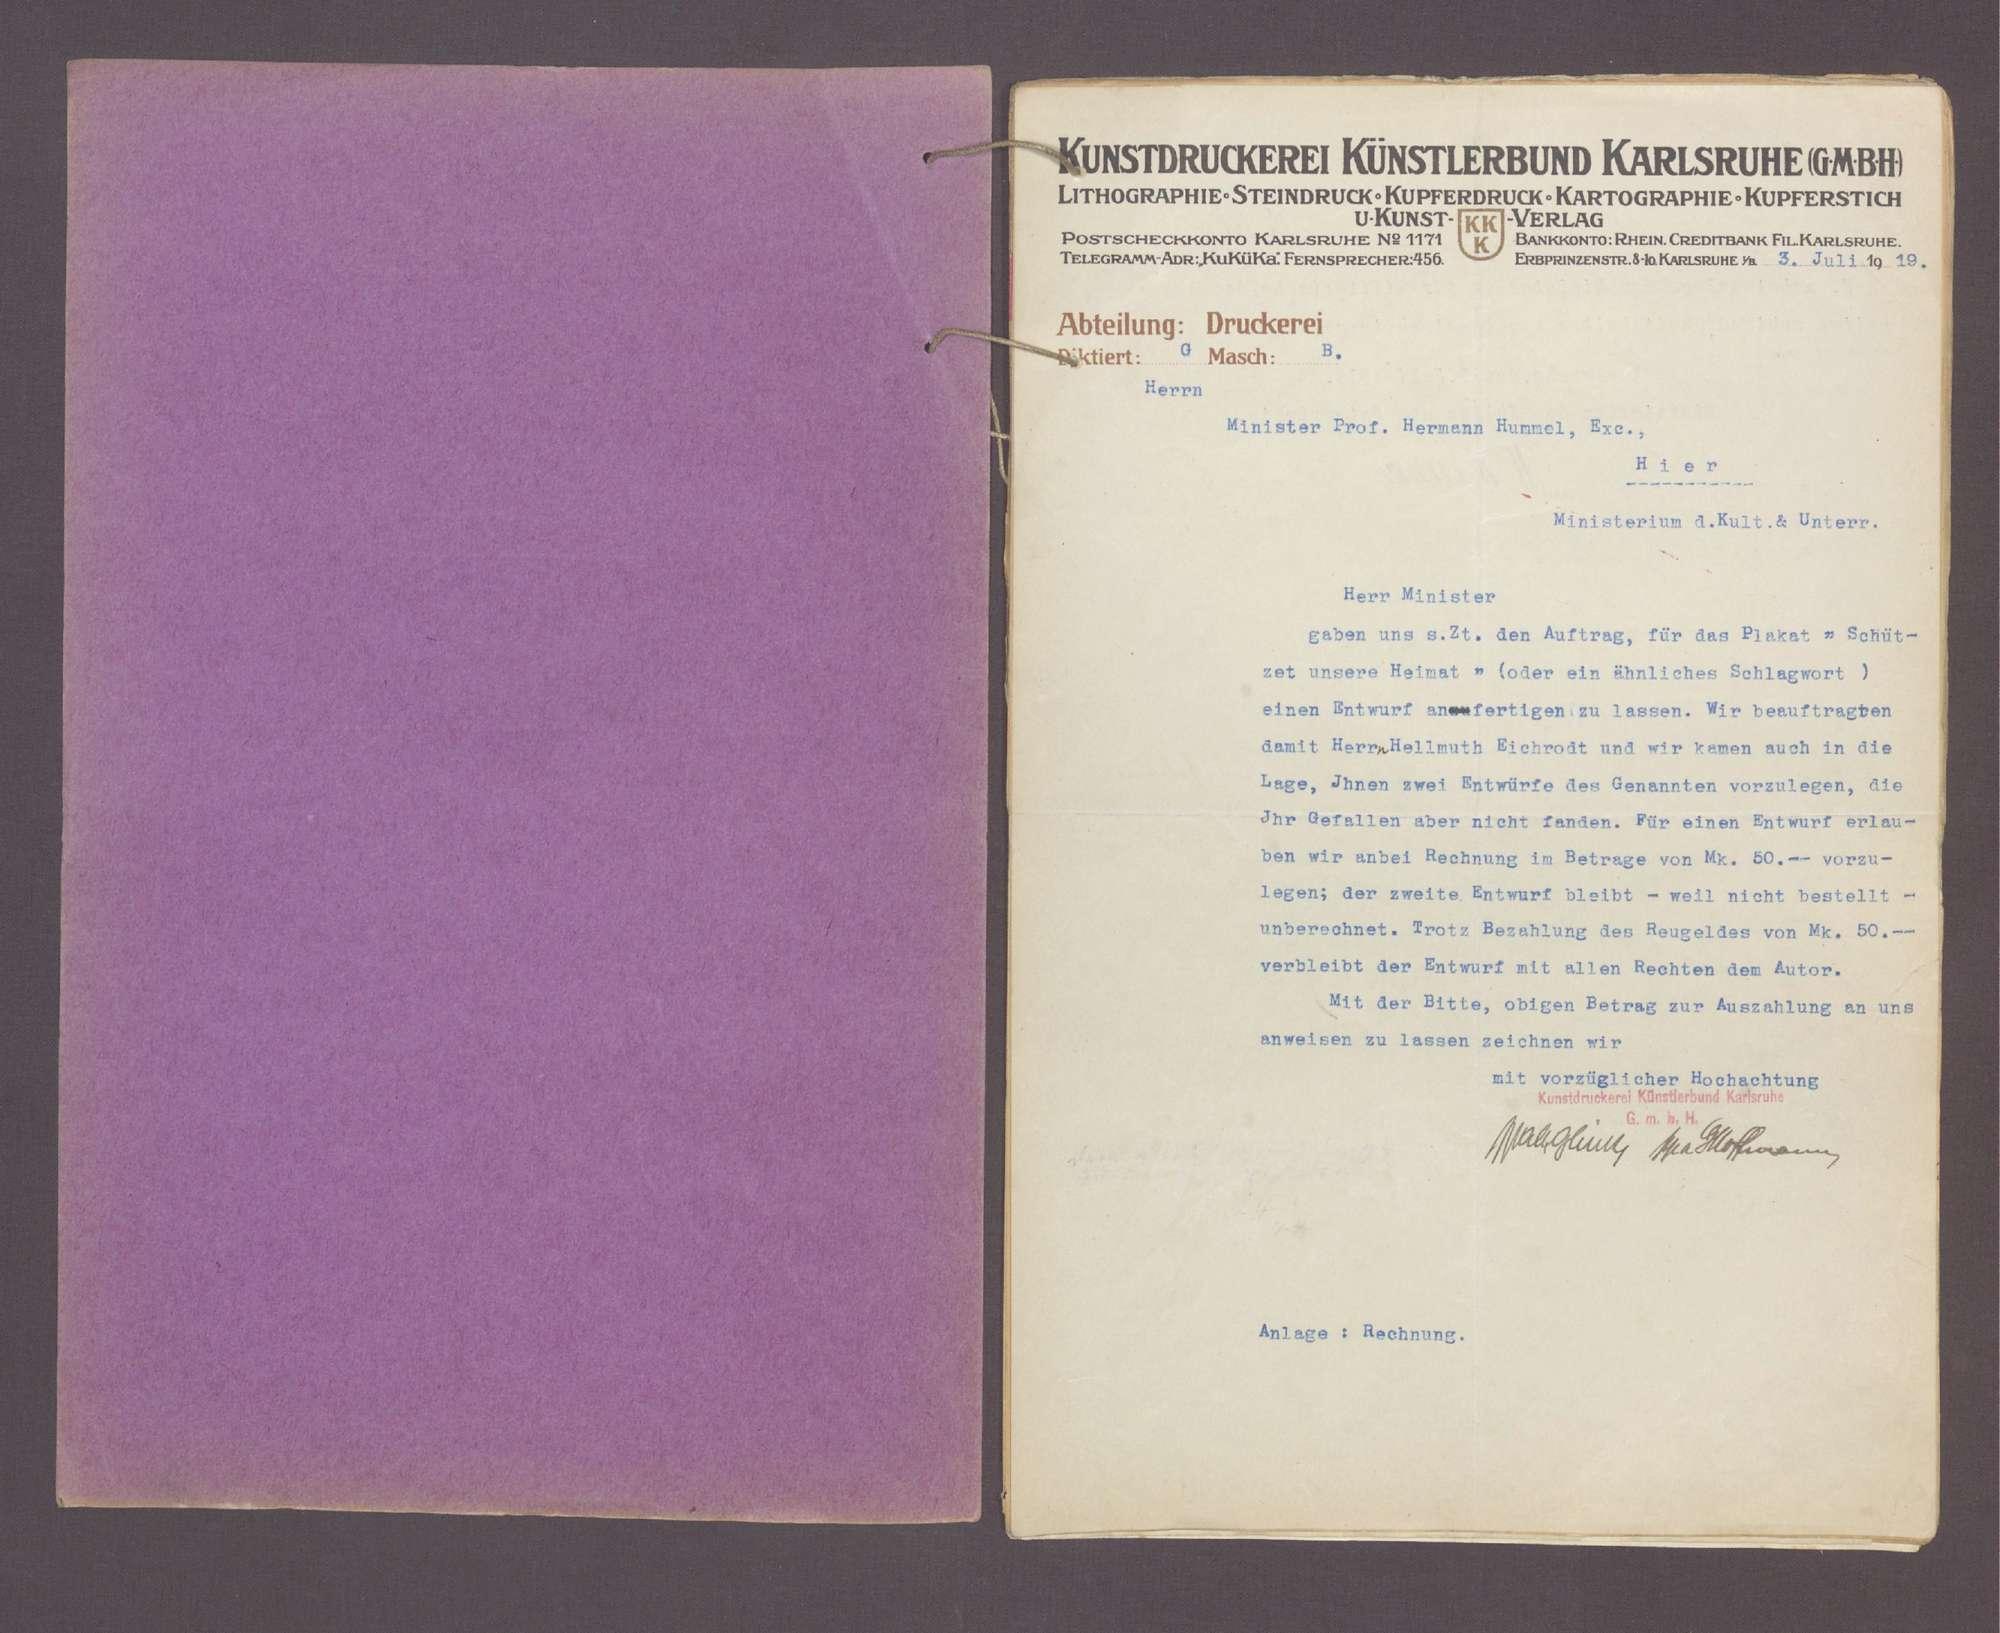 Einwohnerwehren (vgl. Spezialia: Stockach, Konstanz, Karlsruhe, Heidelberg, Freiburg), Bild 3